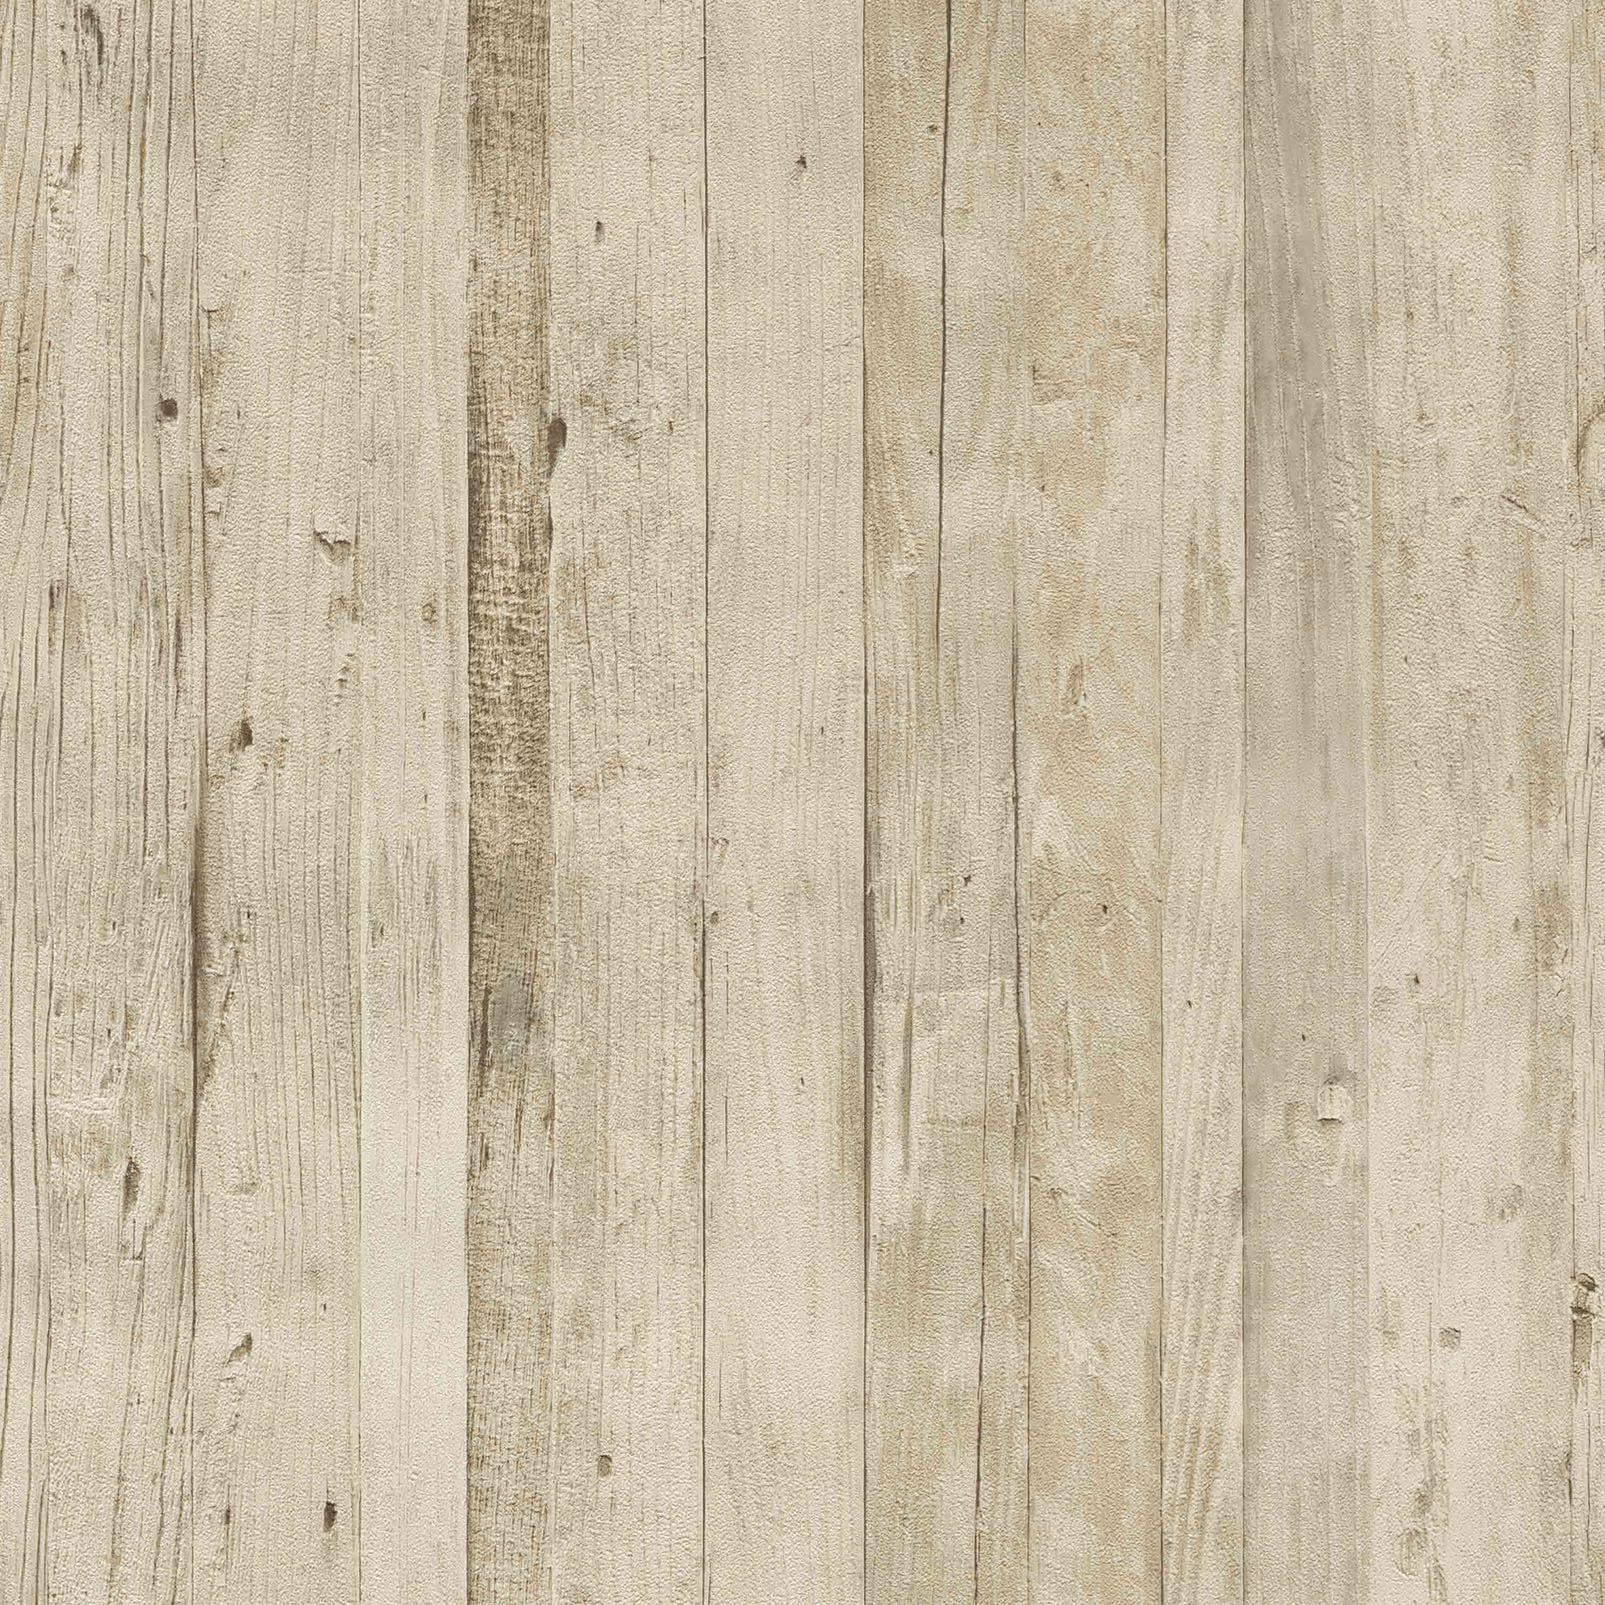 DRIFTWOOD RM 18294 ALMOND